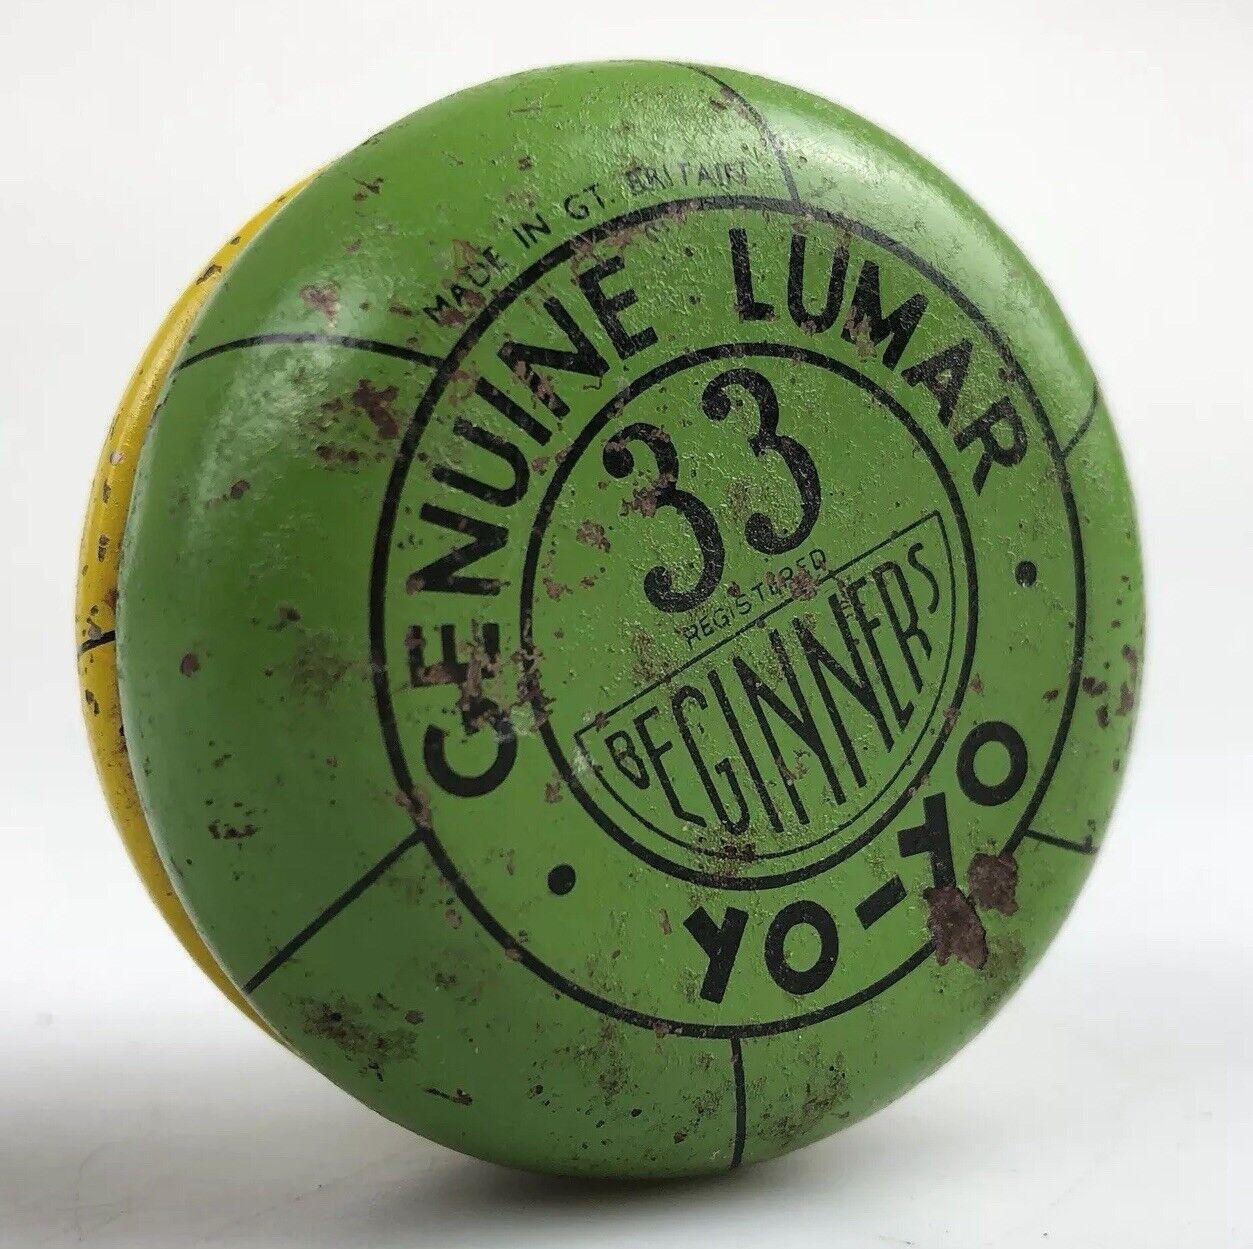 Vintage Genuine LUMAR 33 Yellow   Green Tin Plate YO-YO RARE YOYO RETRO